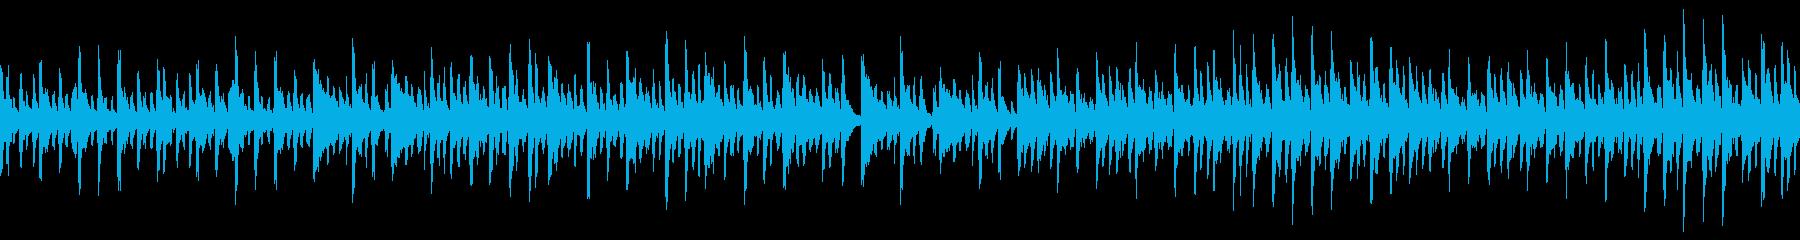 童話のようで幻想的なBGM(ループ仕様)の再生済みの波形